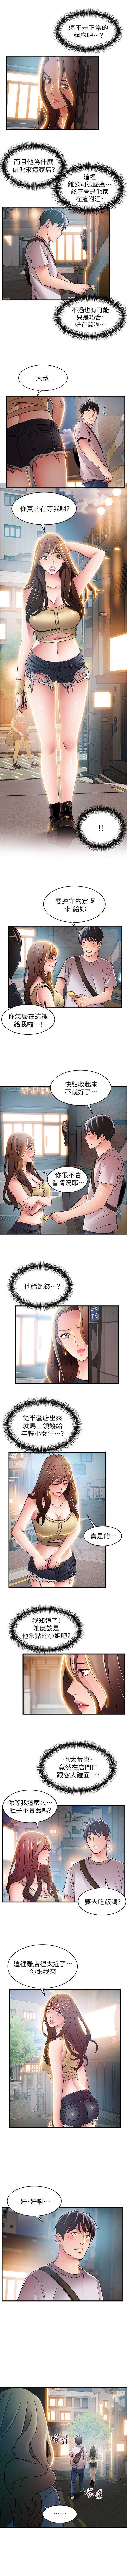 (週7)弱點 1-76 中文翻譯(更新中) 192